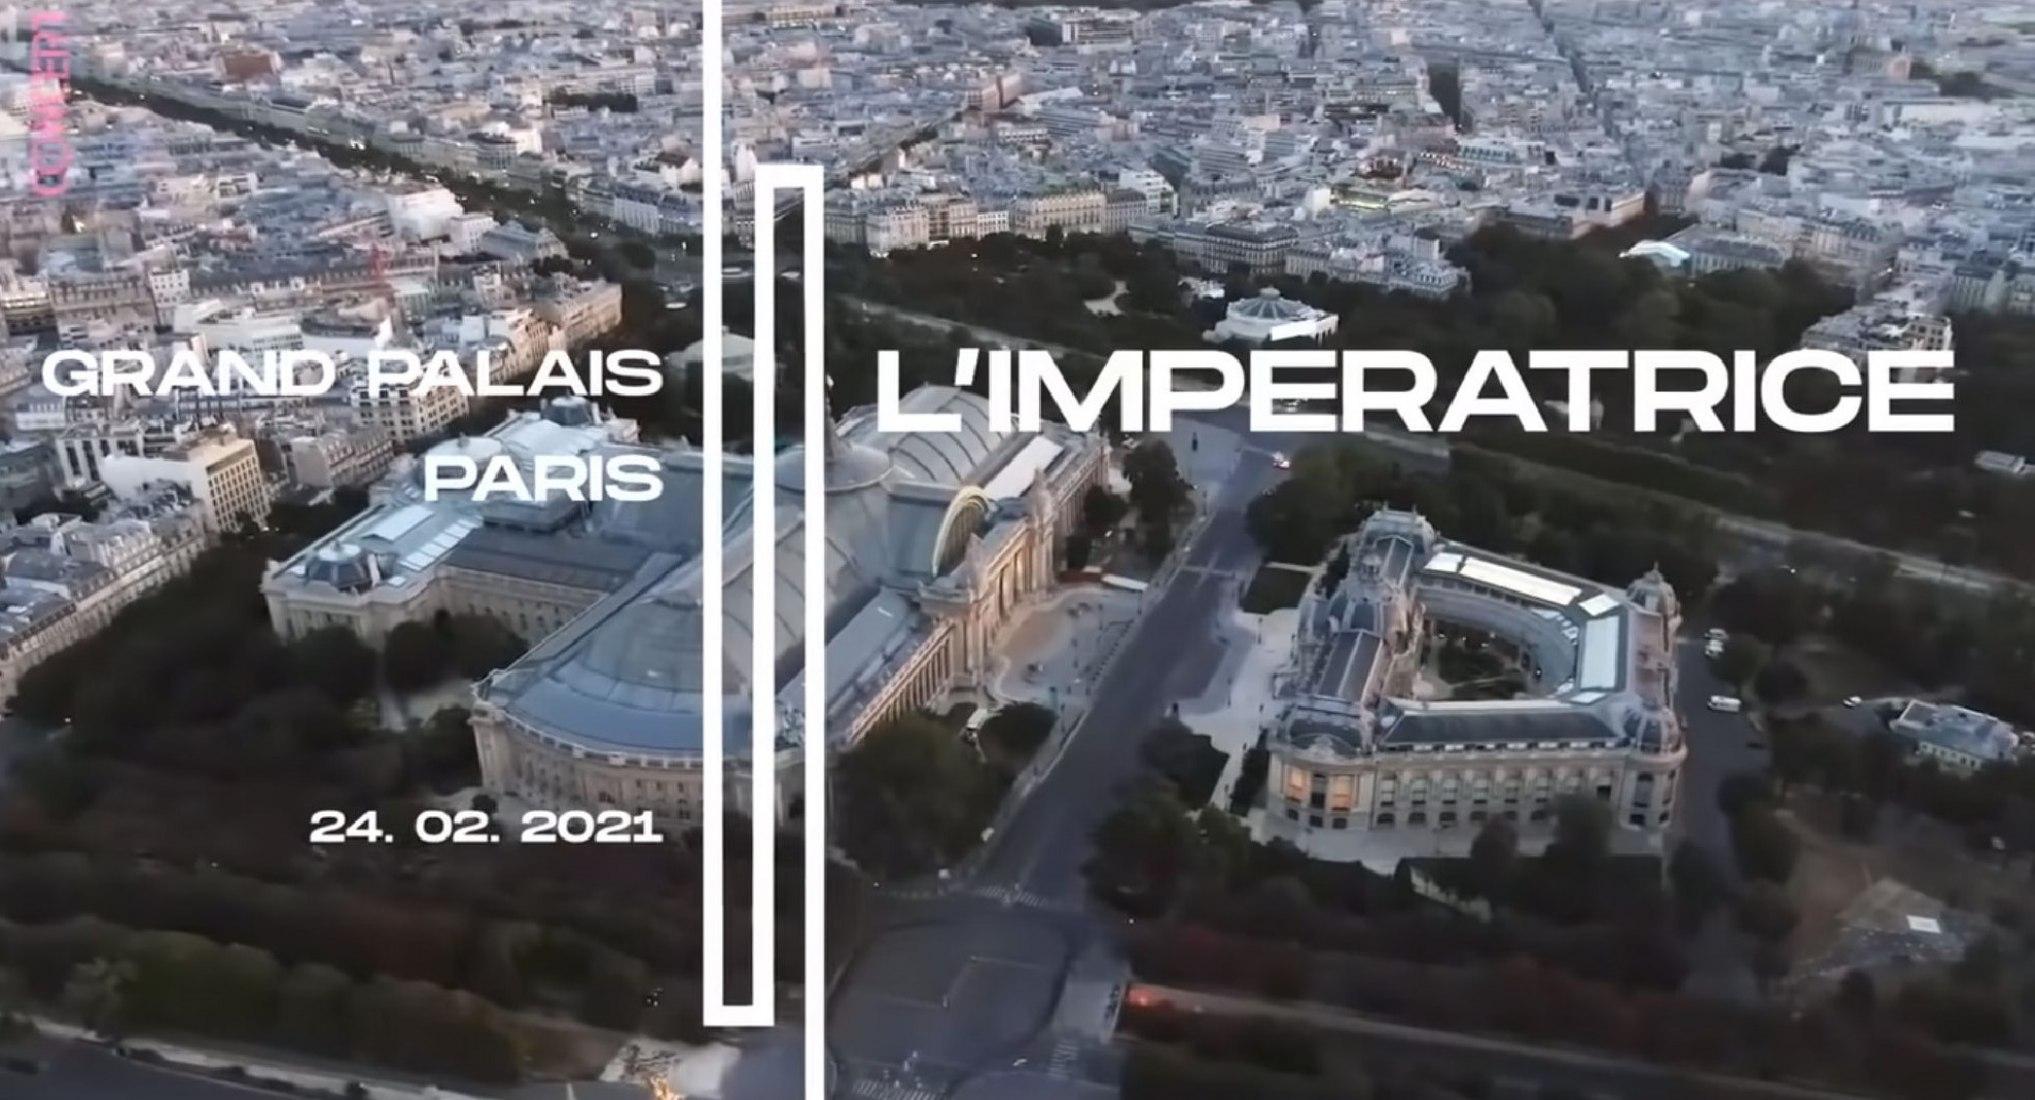 ARTE invita a L'Impératrice para un concierto inédito filmado en el Grand Palais de París.